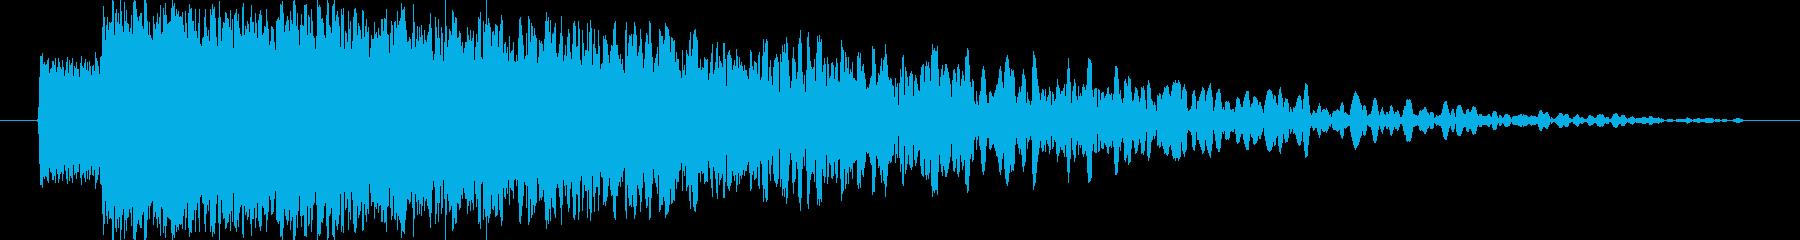 【雷魔法・落雷】ピシャォオンの再生済みの波形